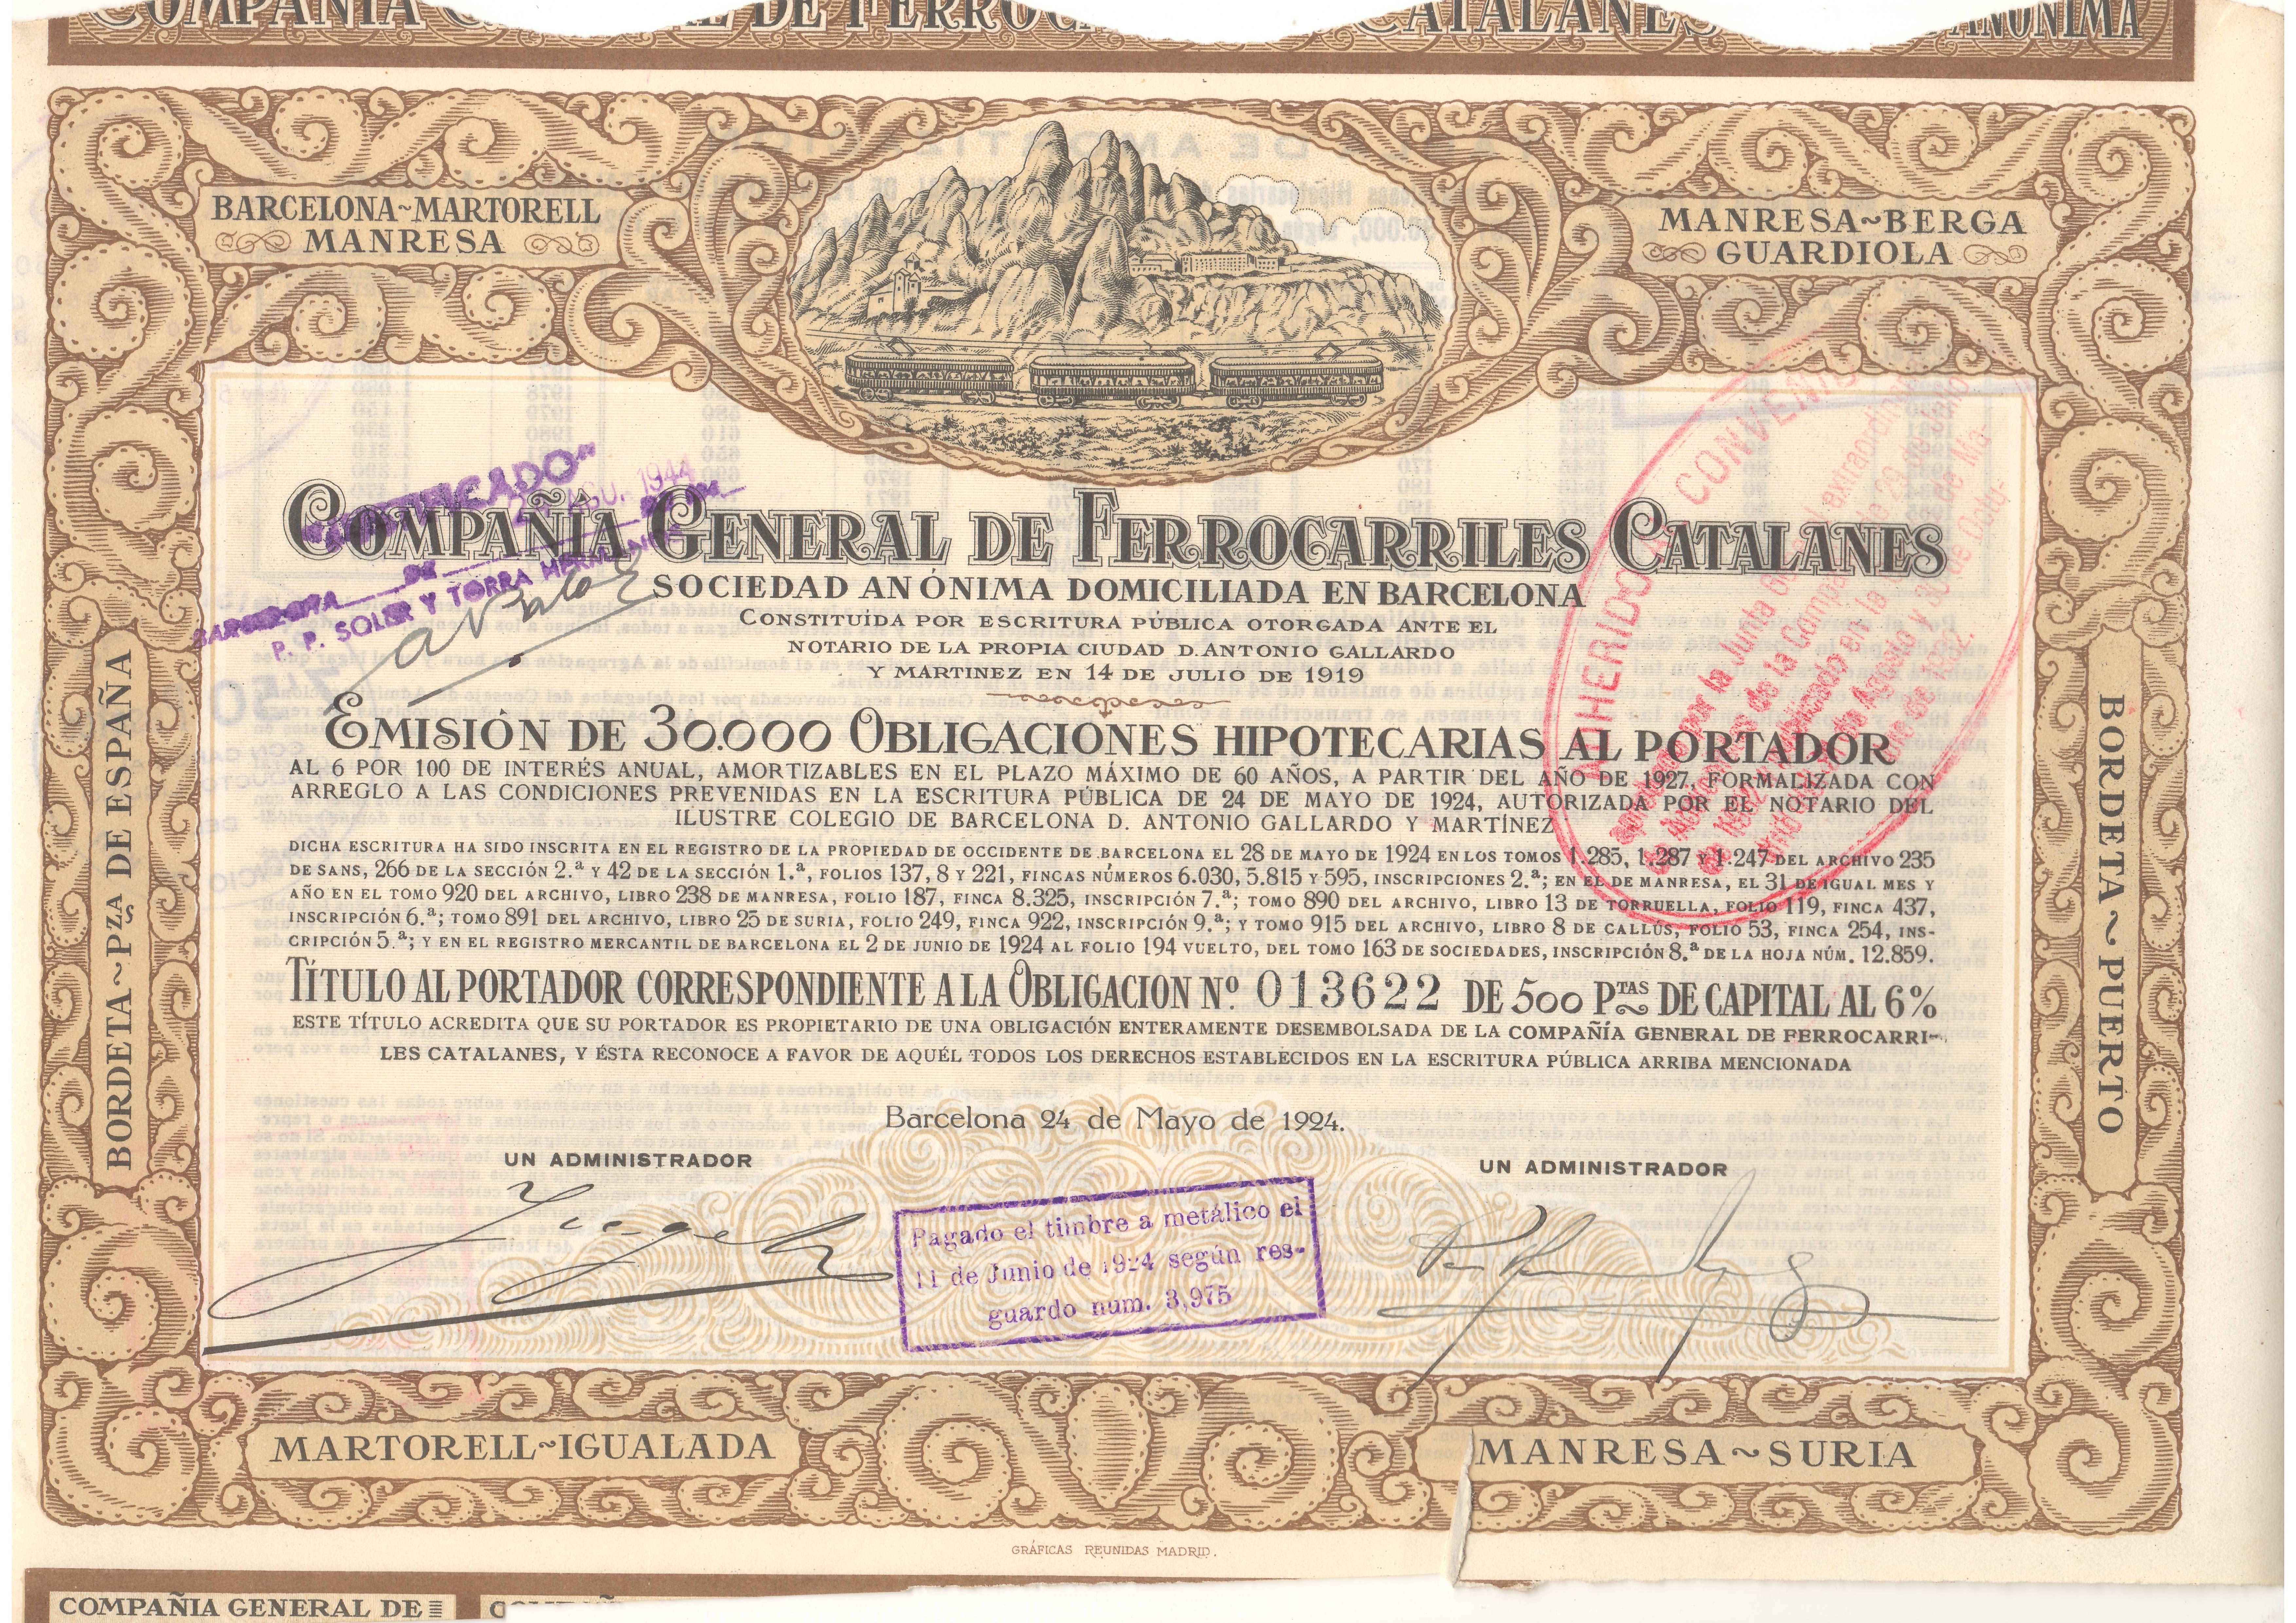 Compañía General de los Ferrocarriles Catalanes